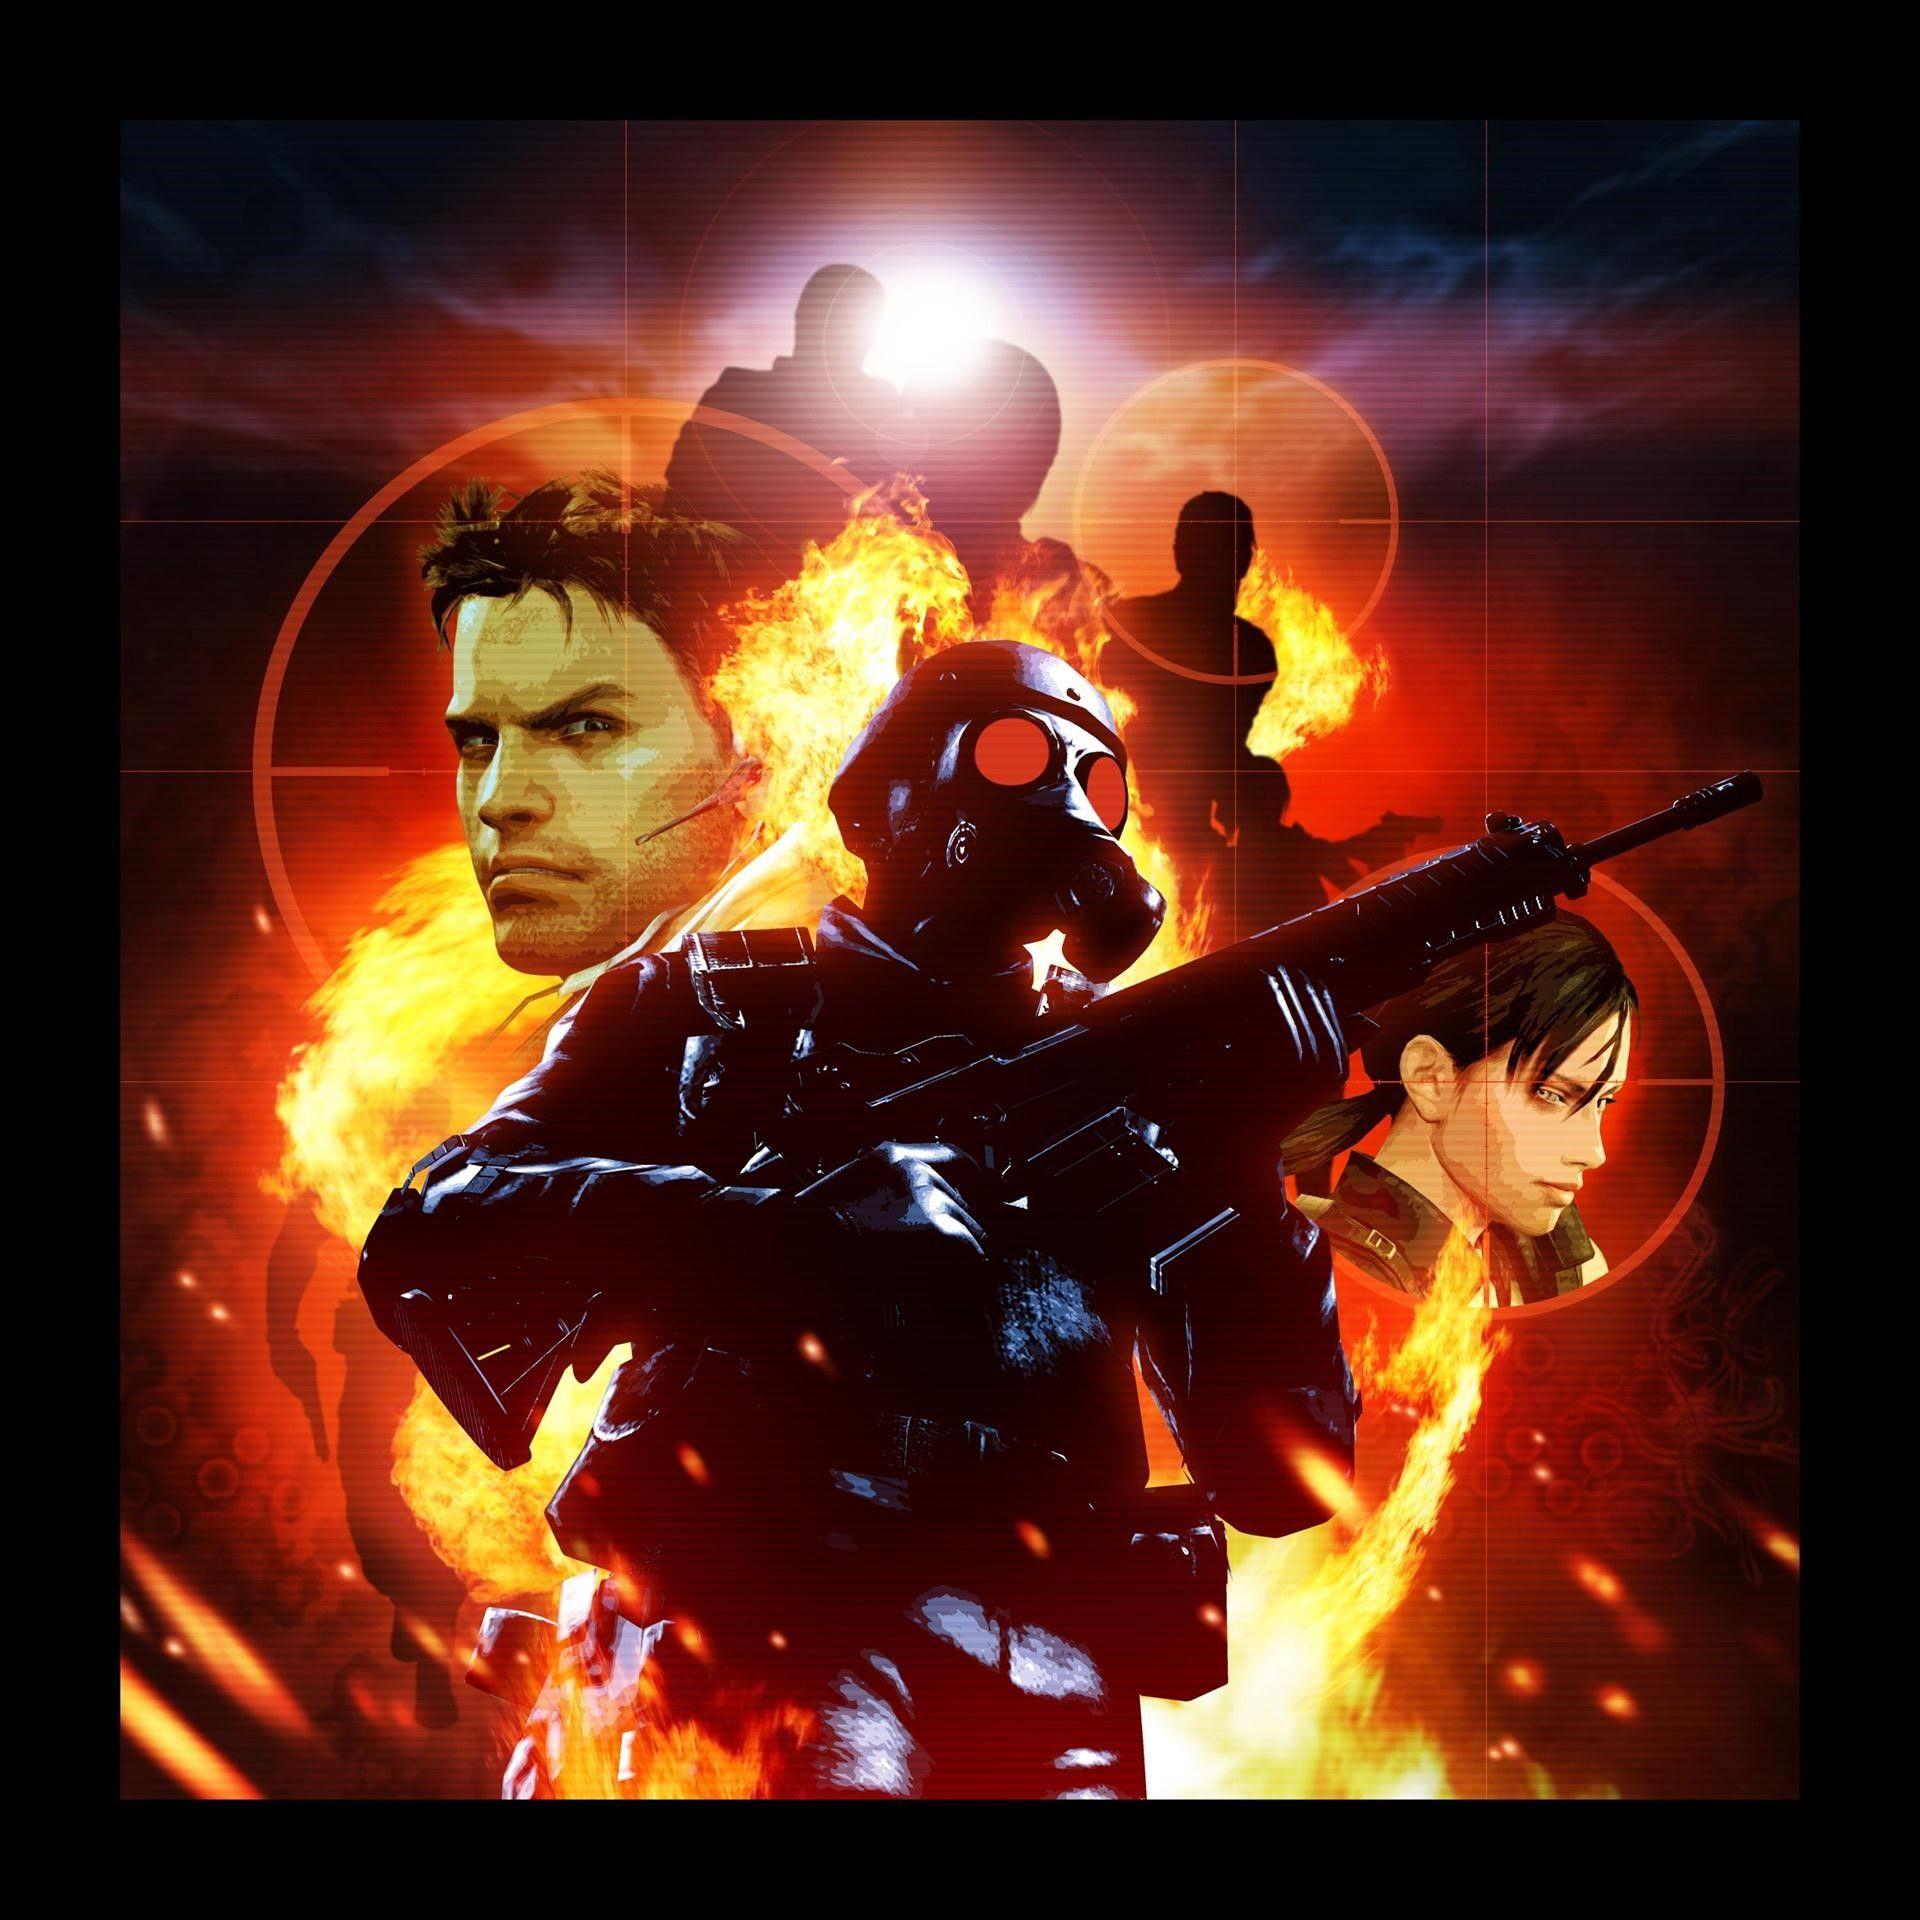 Resident Evil Mercenaries 3D Cover in 2020 Resident evil